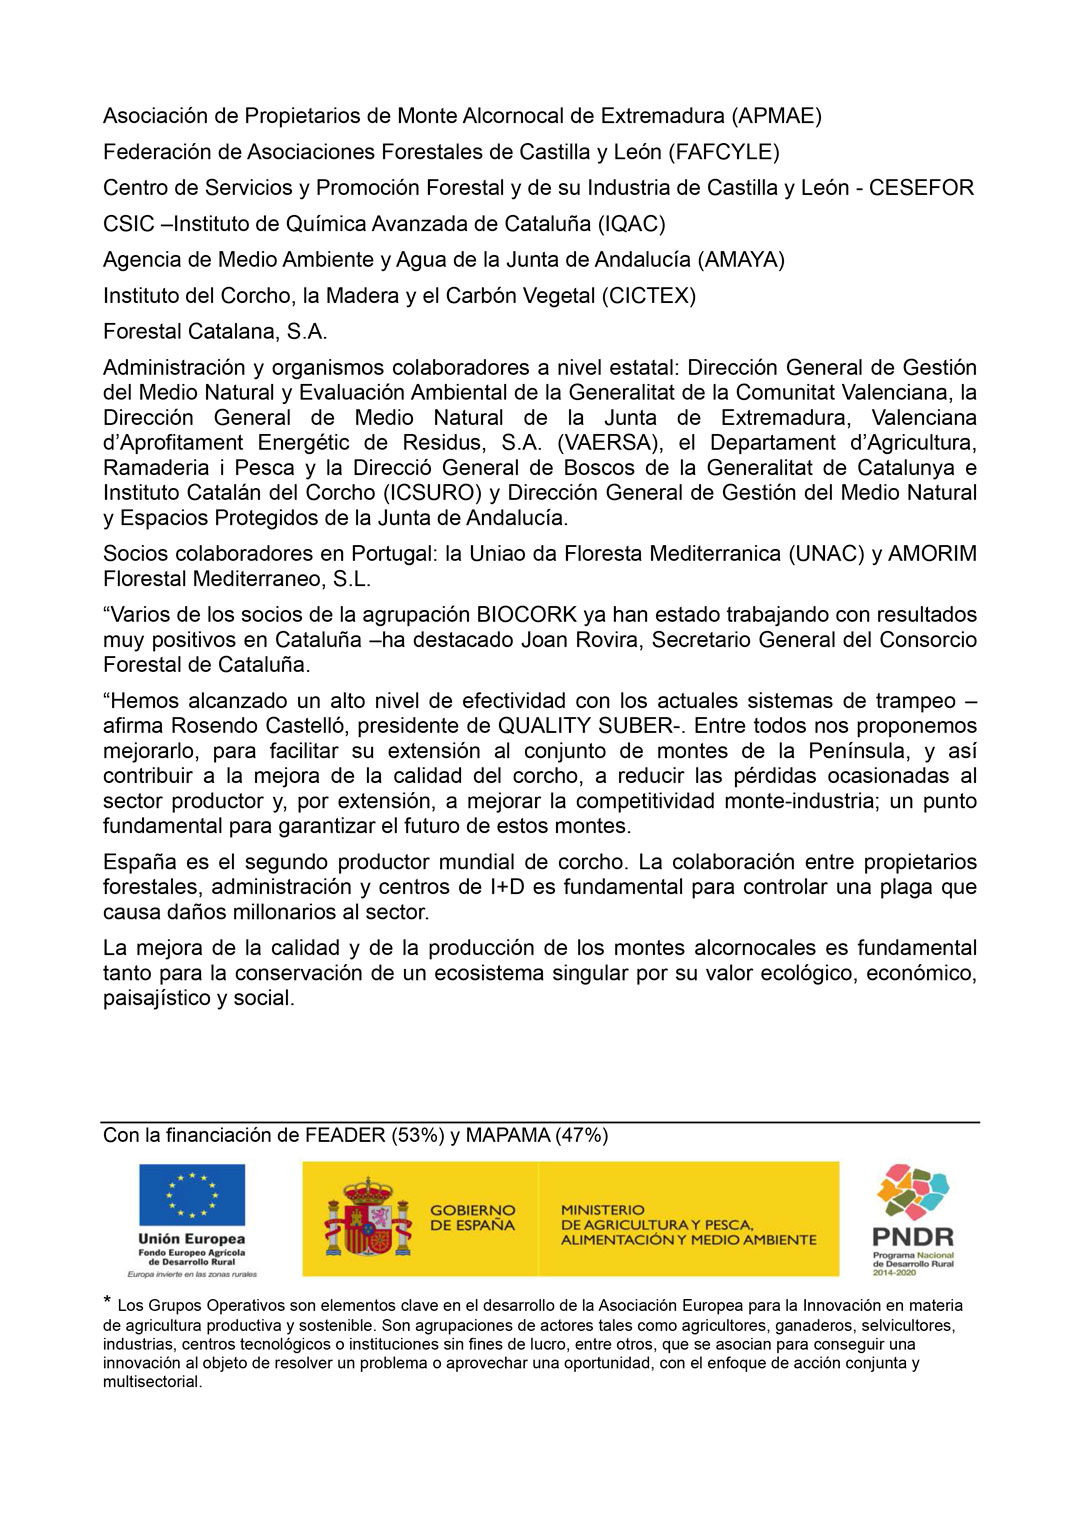 Fafcyle participa en la asociaci n europea para la for Oficina turismo castilla y leon